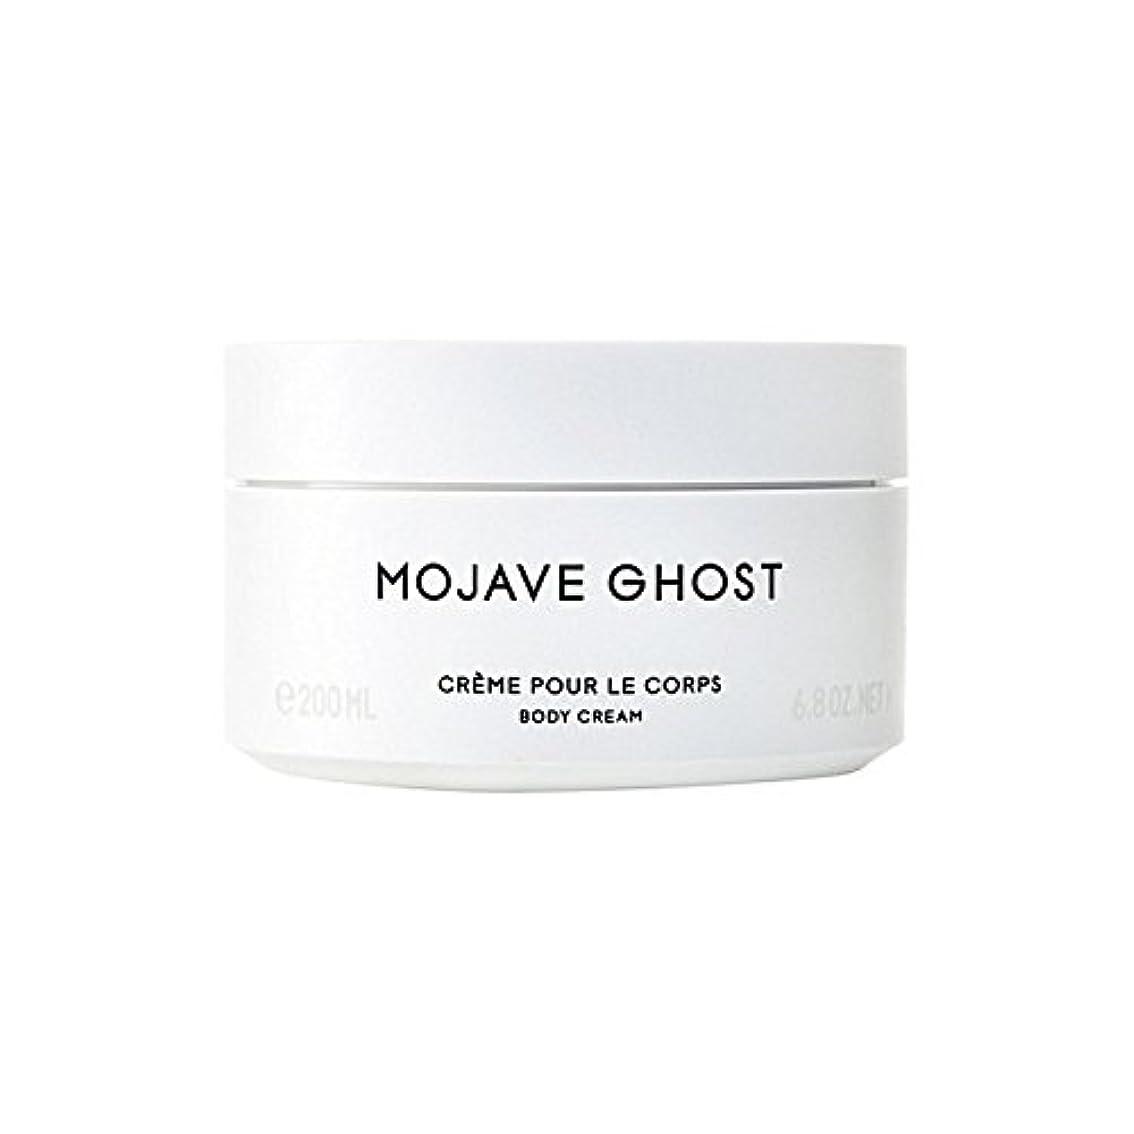 子豚市区町村部門モハーベゴーストボディクリーム200ミリリットル x4 - Byredo Mojave Ghost Body Cream 200ml (Pack of 4) [並行輸入品]